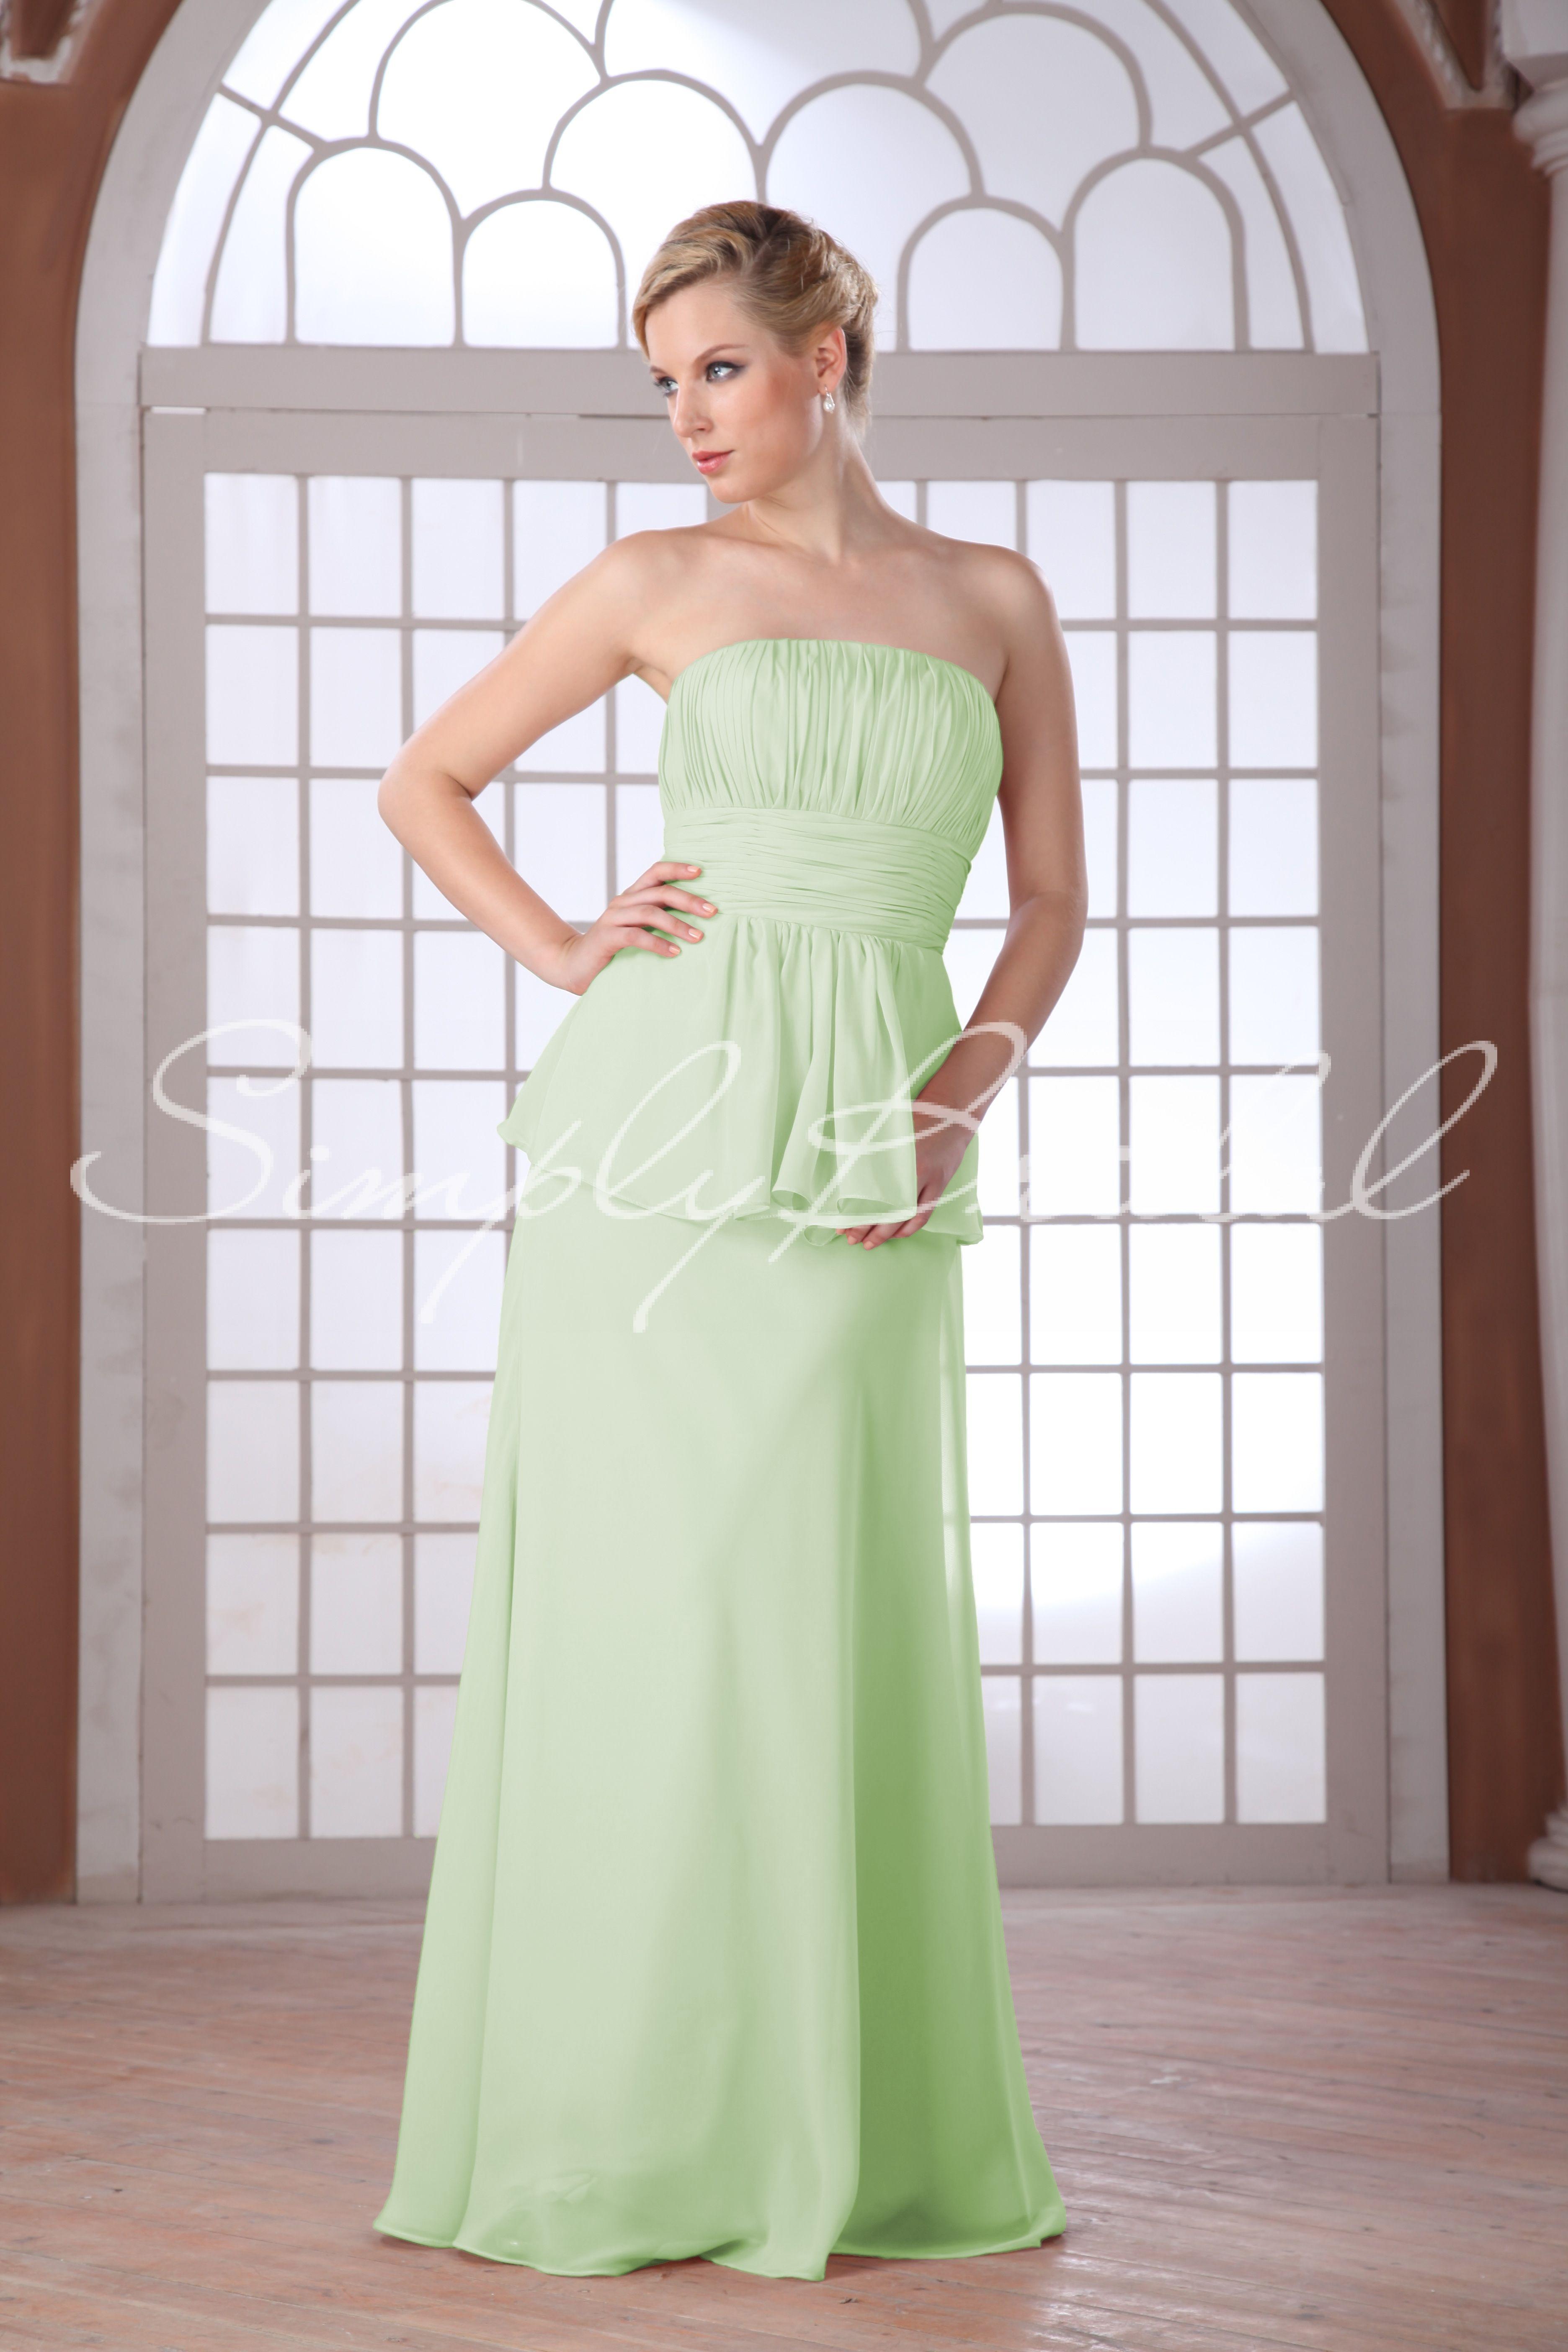 85105 floor length strapless chiffon peplum dress bridesmaid 85105 floor length strapless chiffon peplum dress bridesmaid dress simply bridal ombrellifo Images